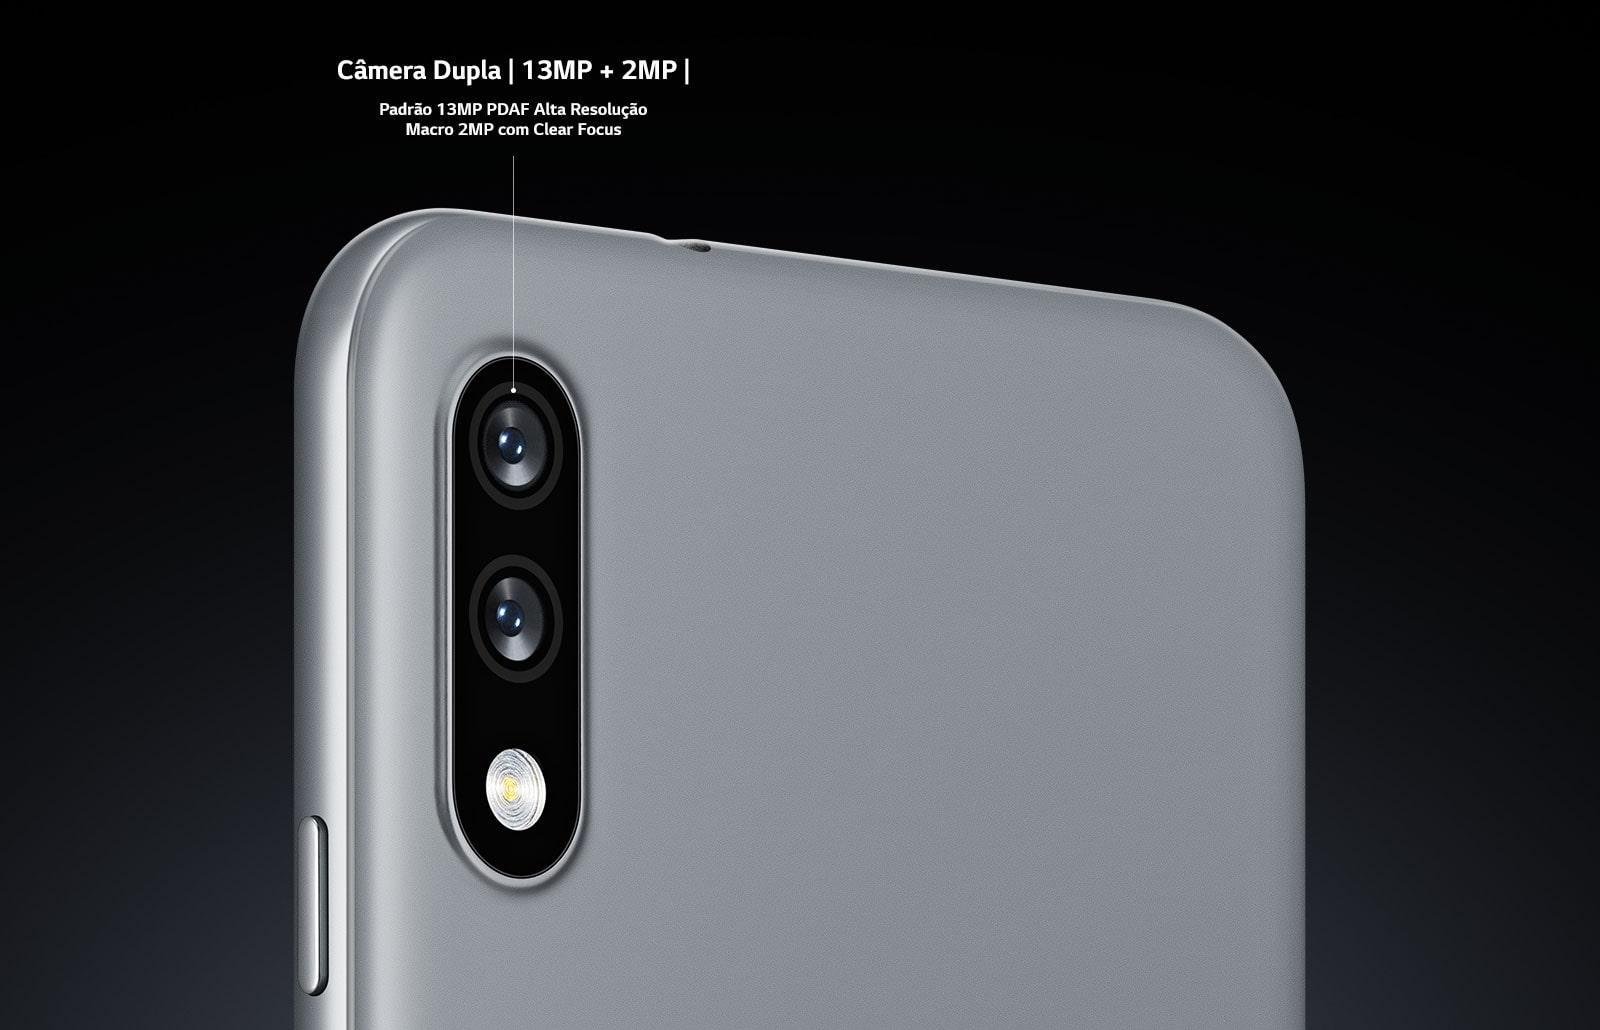 Vista traseira do smartphone apresentando duas câmeras